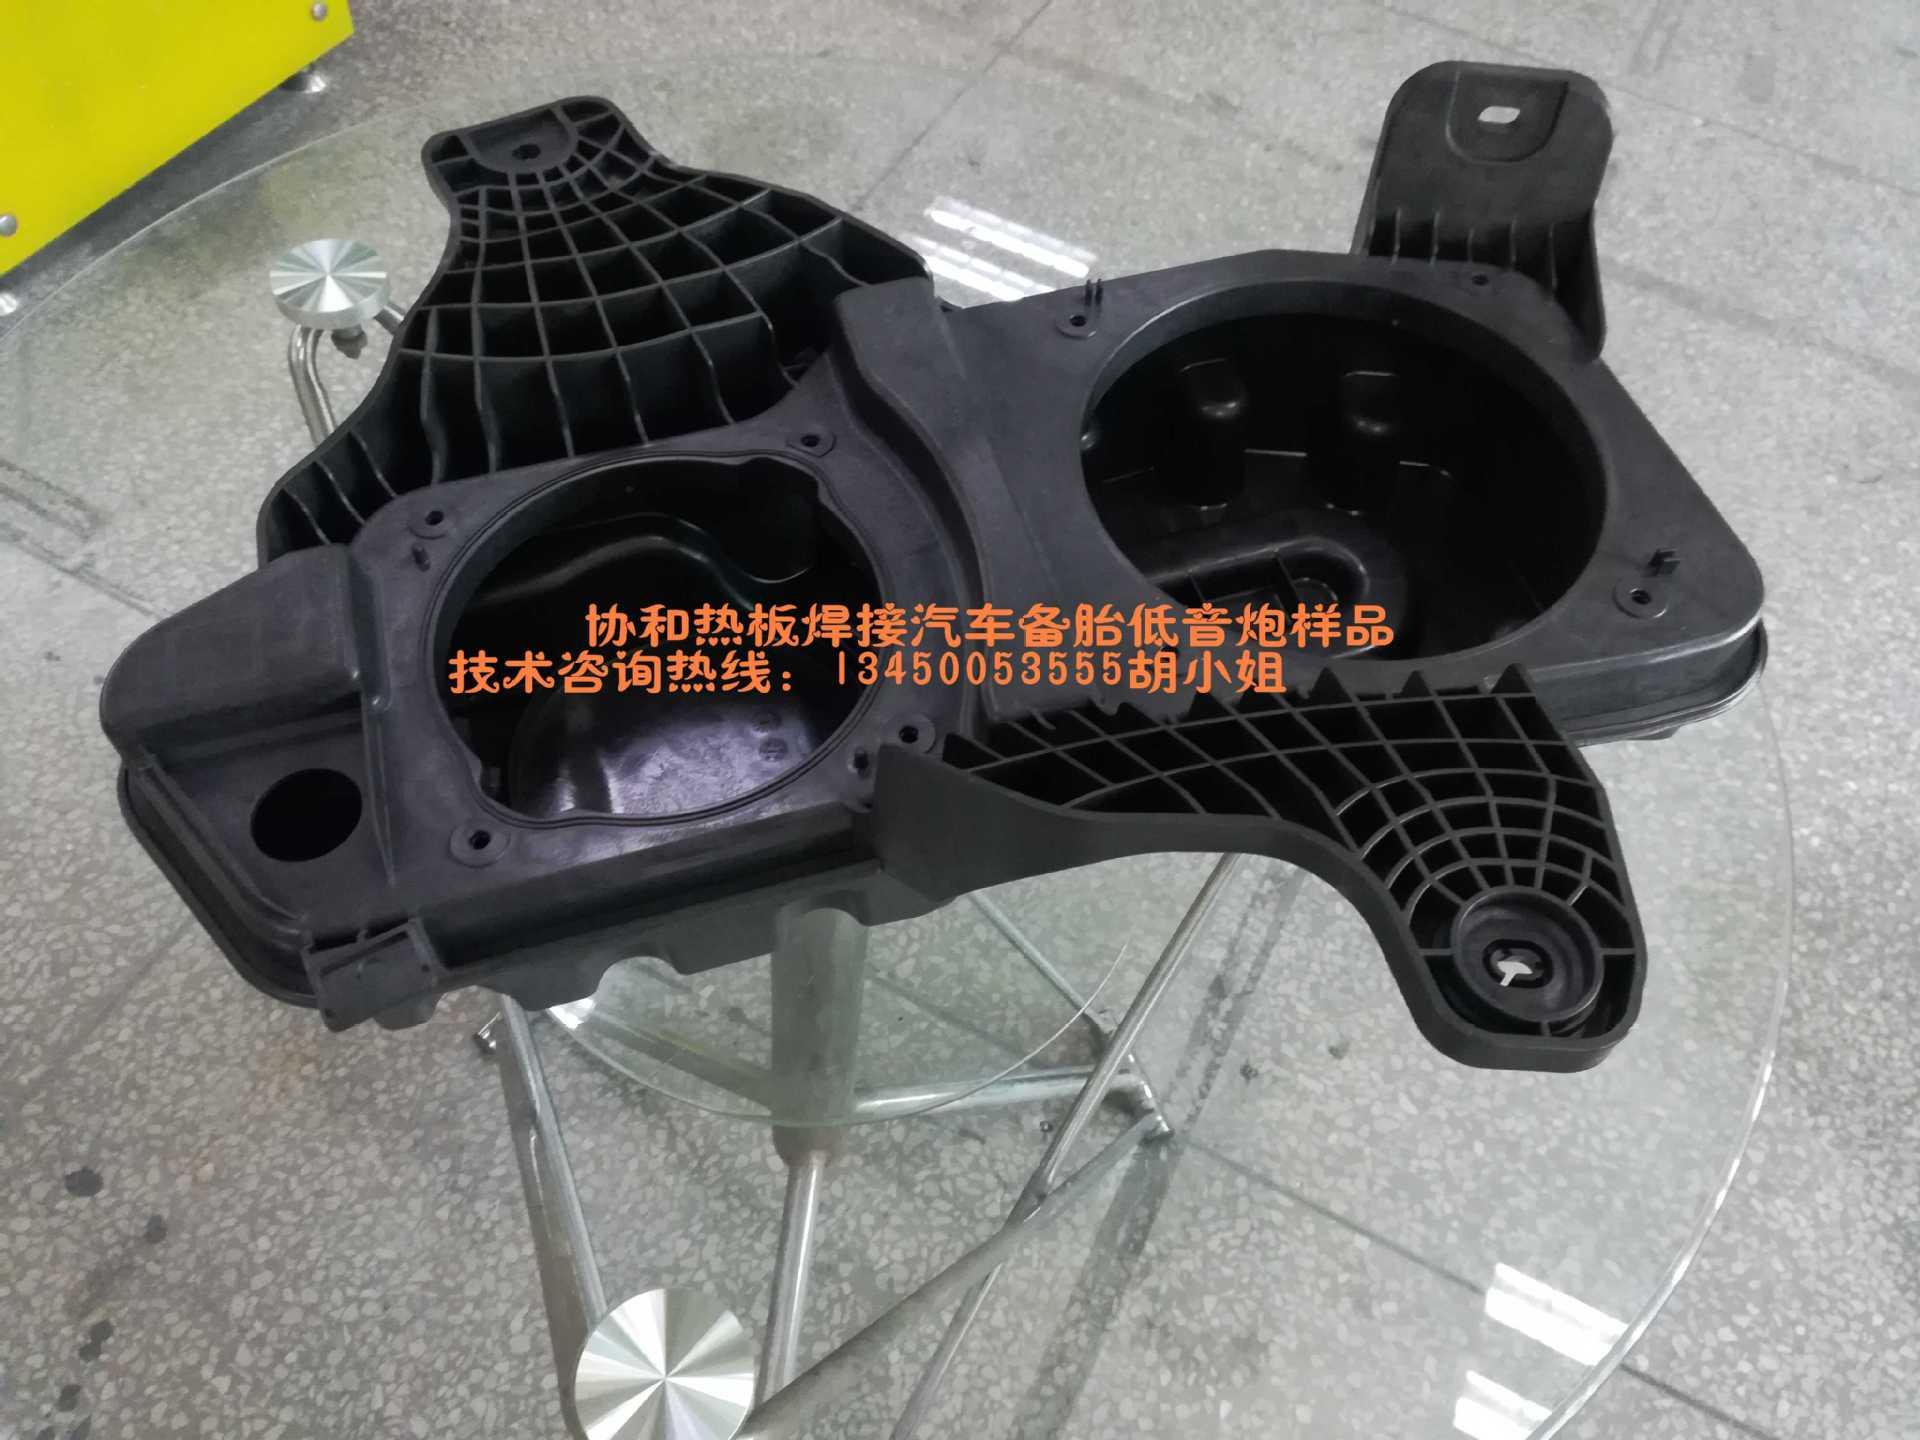 协和半自动热板机 精密设计制造 汽车水箱PP防水气密焊接热板机示例图9